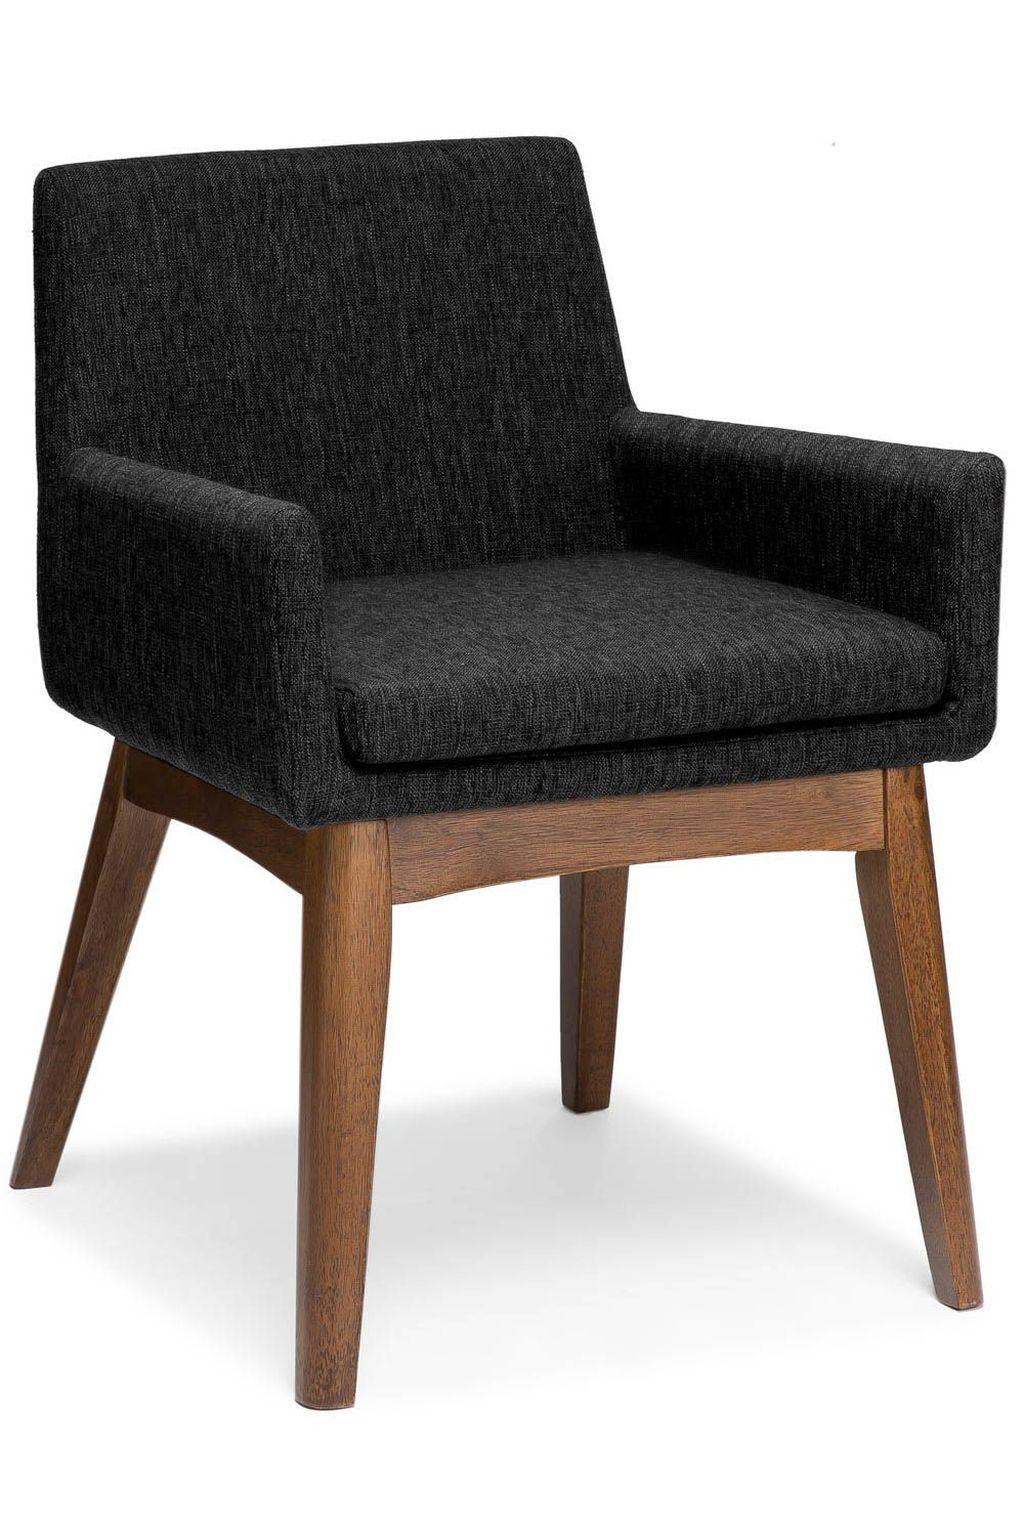 49 Modern Scandinavian Design Dining Chairs Ideas Dining